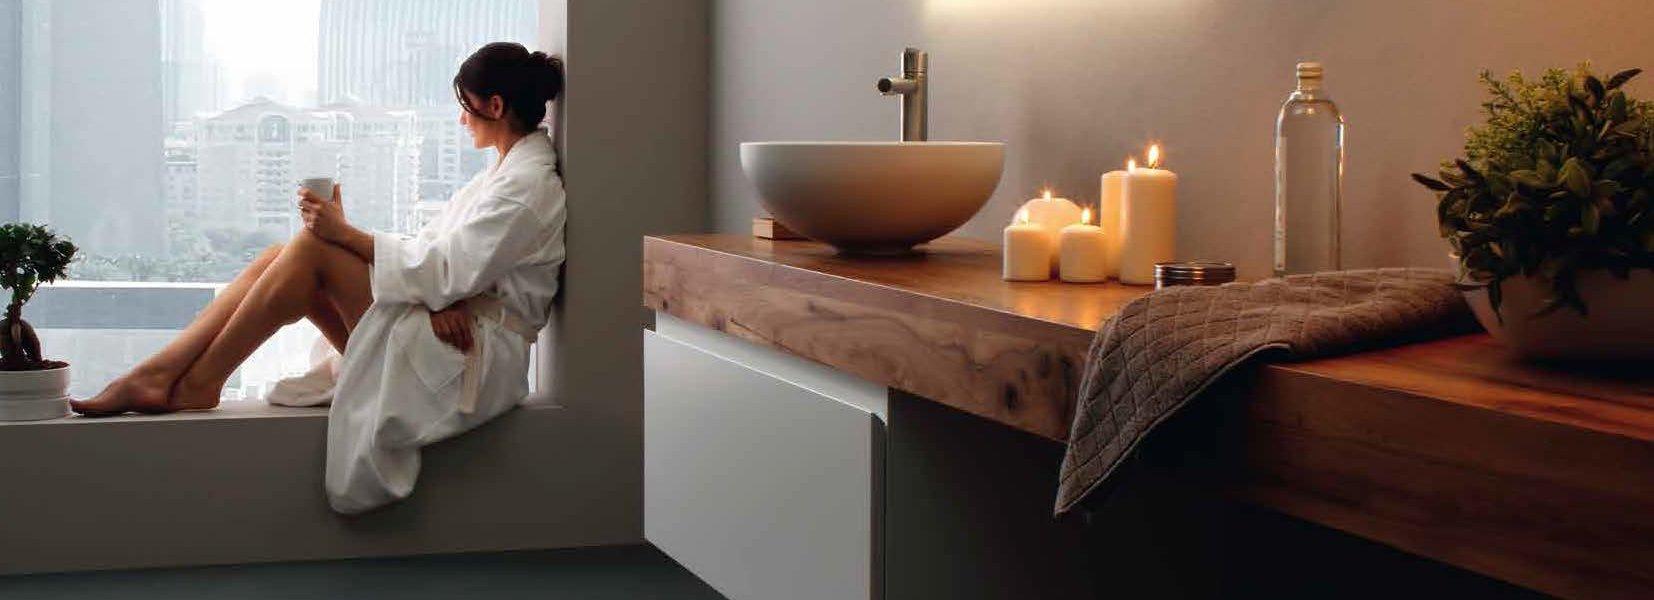 Arredo Bagno Vignate arredo bagno componibile e completo, mobili arredo bagno